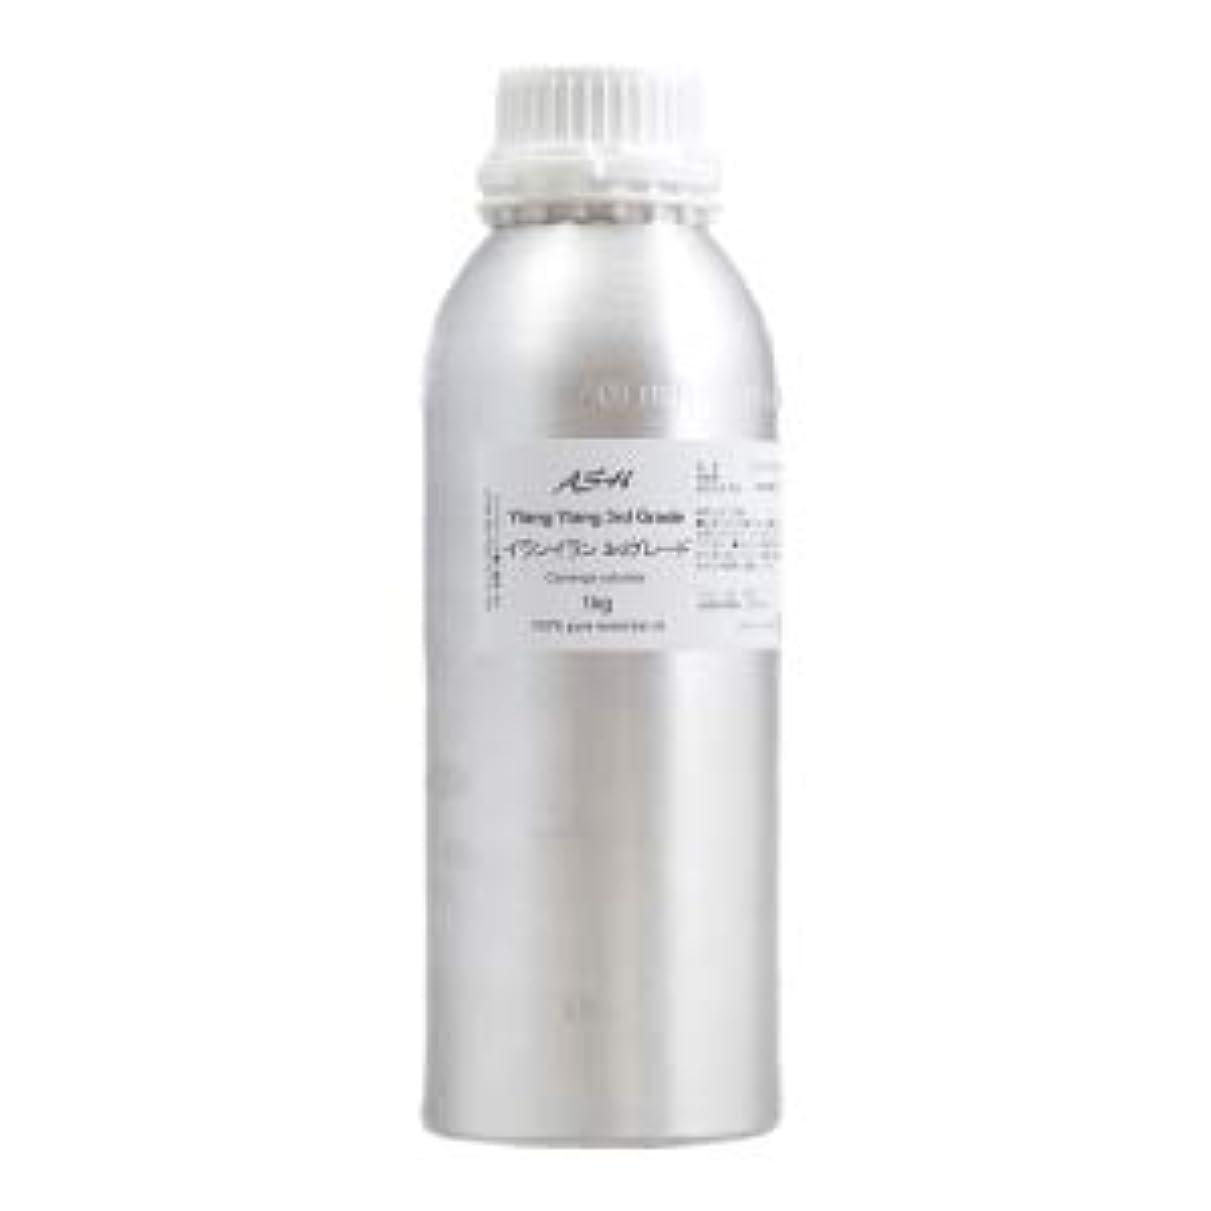 合理的広く非効率的なASH イランイラン 3rdグレード エッセンシャルオイル 業務用1kg AEAJ表示基準適合認定精油